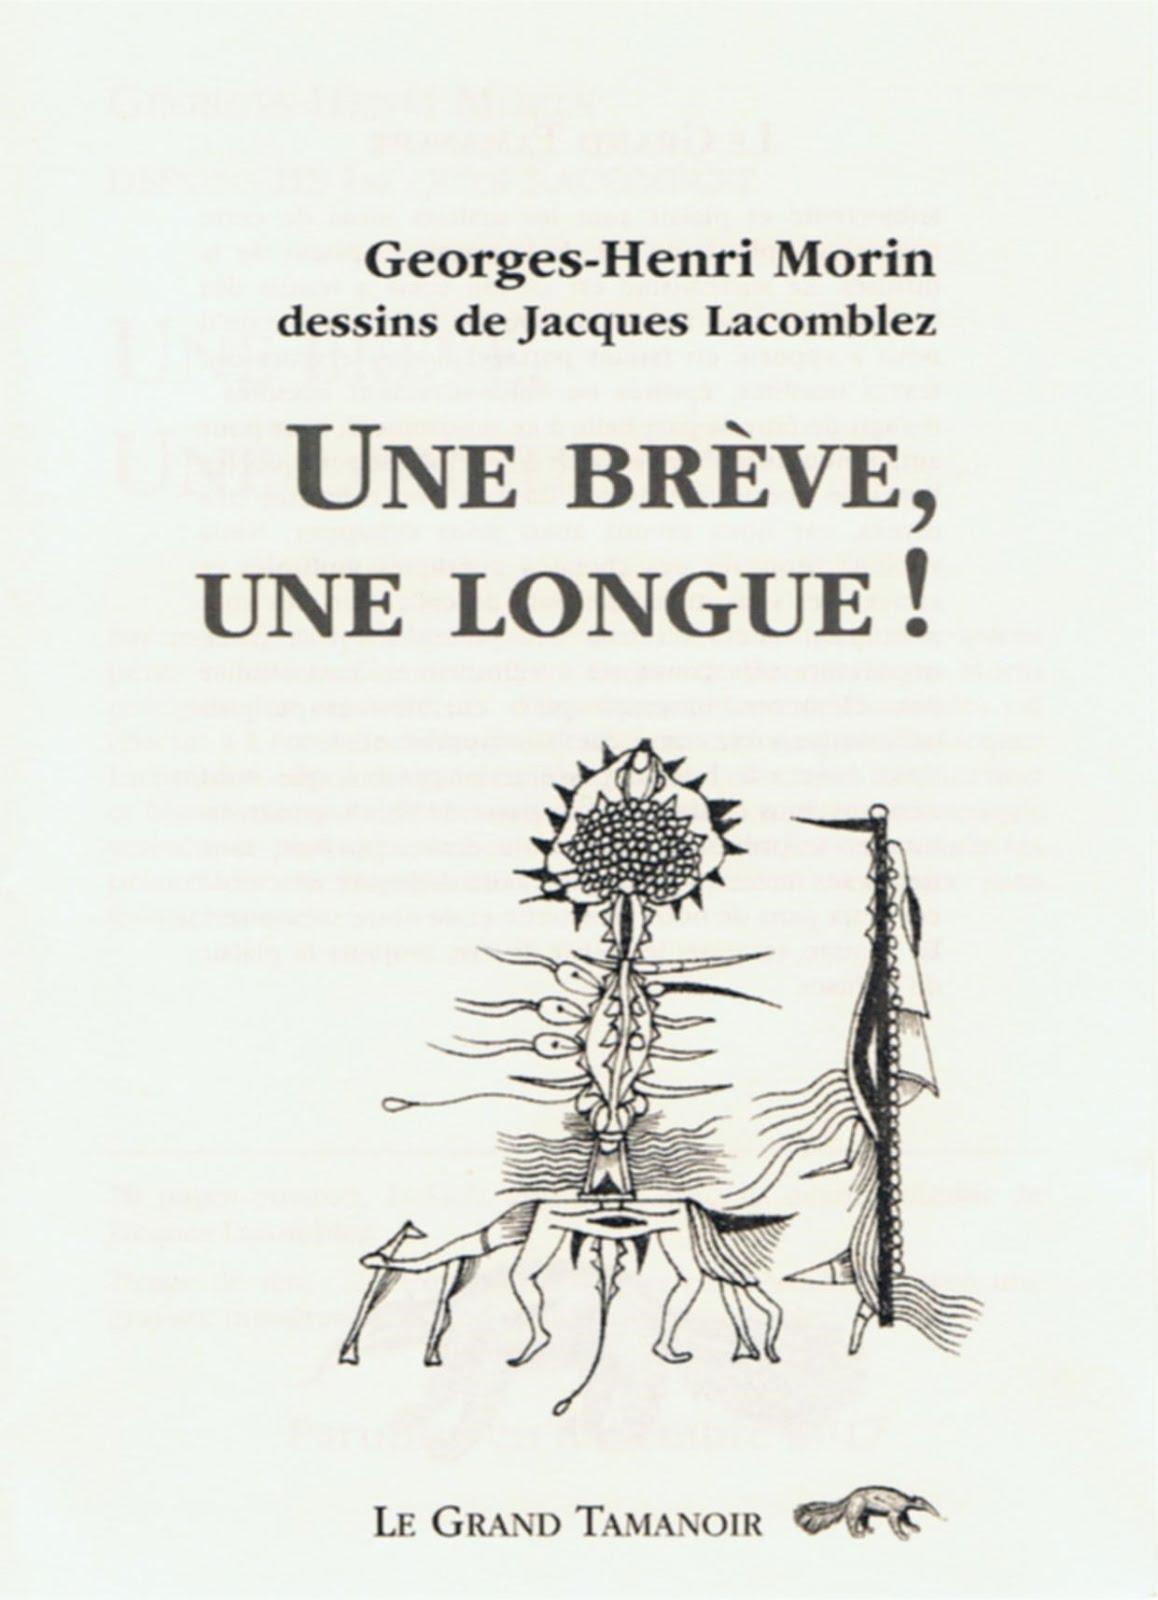 Georges-Henri MORIN, UNE BRÉVE, UNE LONGUE!, & dessins de Jacques LACOMBLEZ, Le Grand Tamanoir